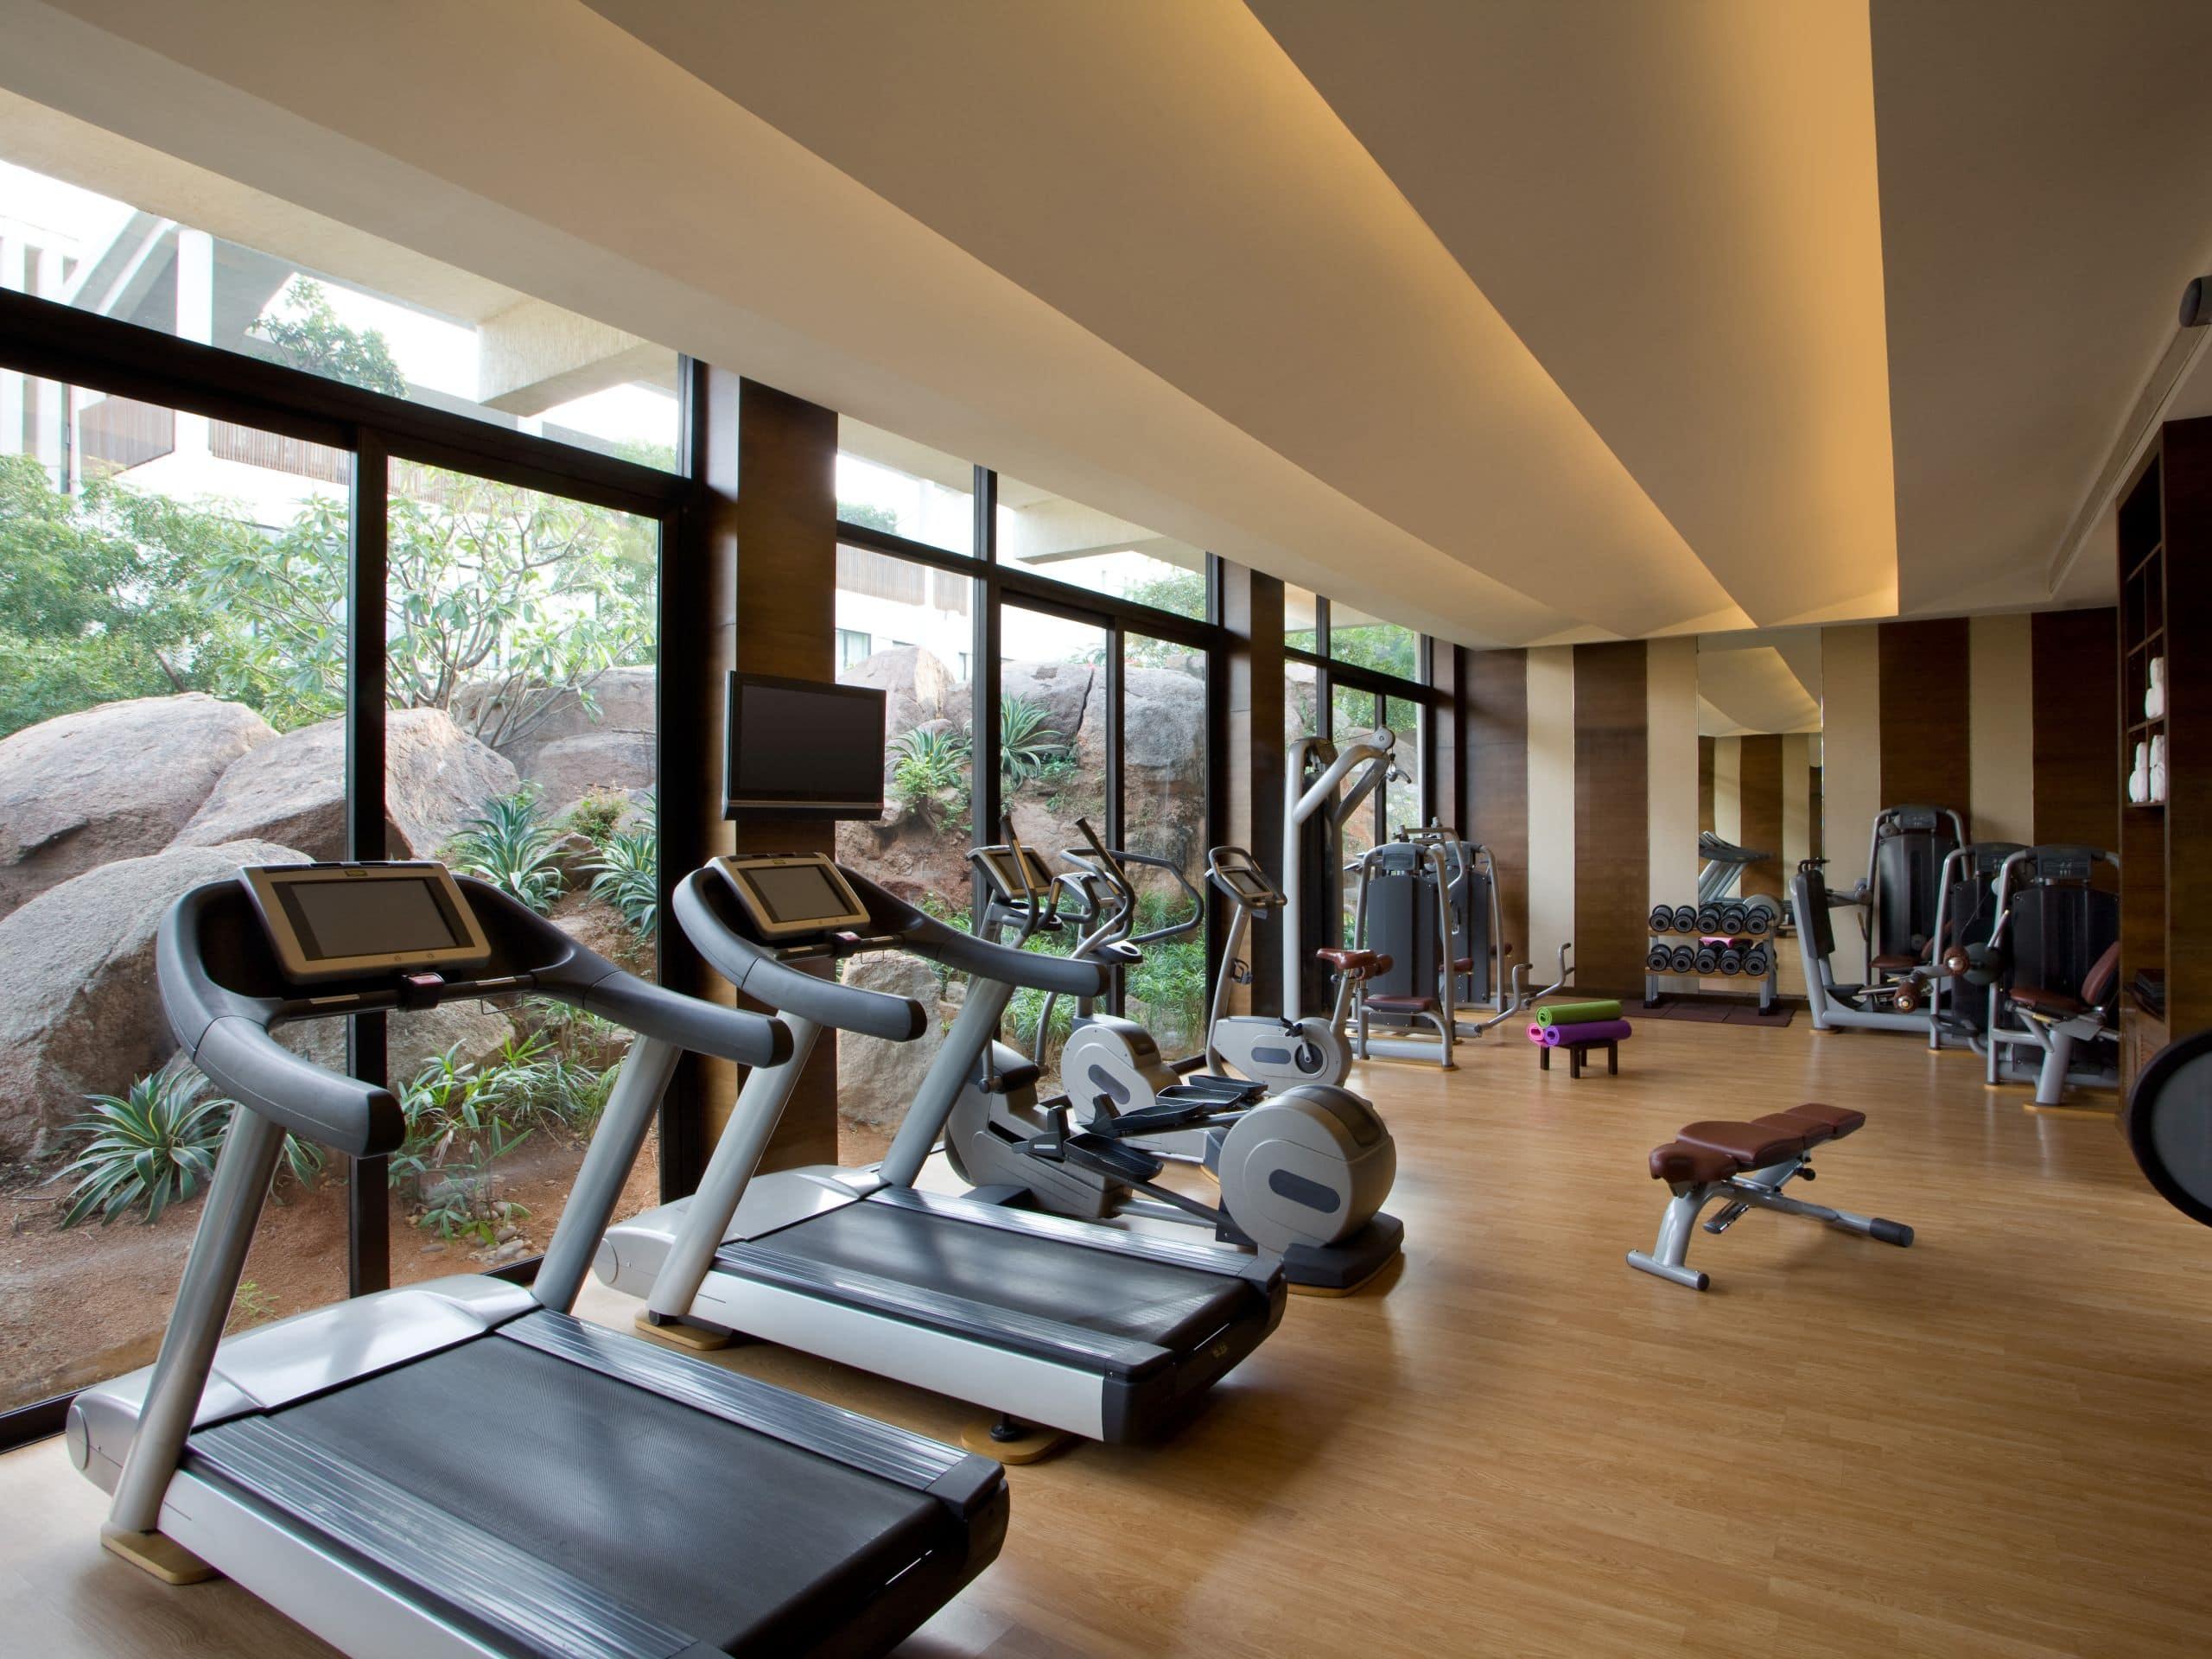 Hotels In Hyderabad, India, 5 Star Luxury Hotel In Gachibowli,